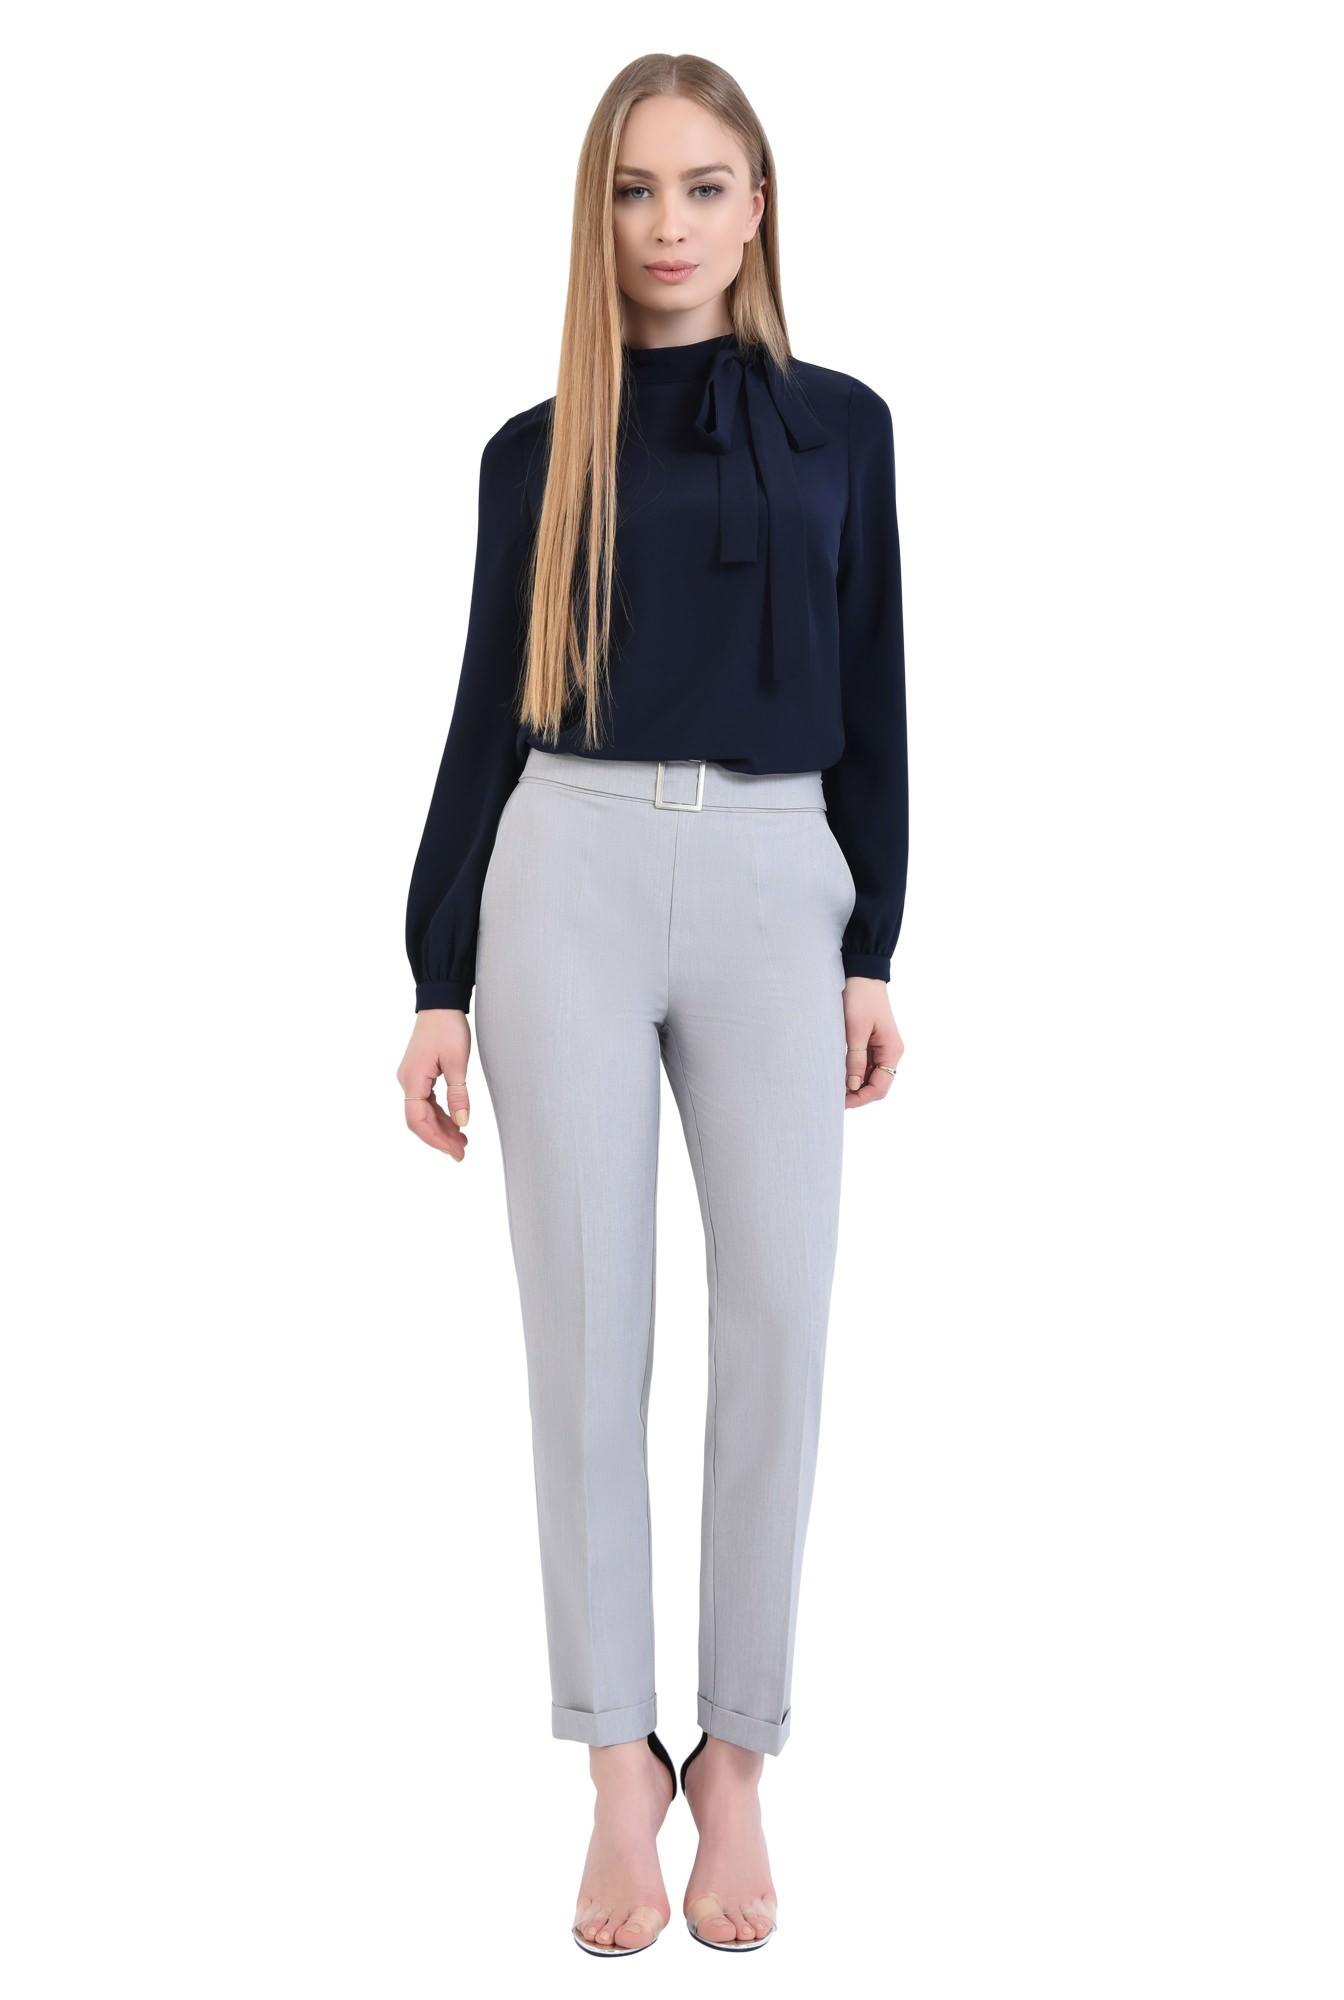 360 - Bluza eleganta, cu funda